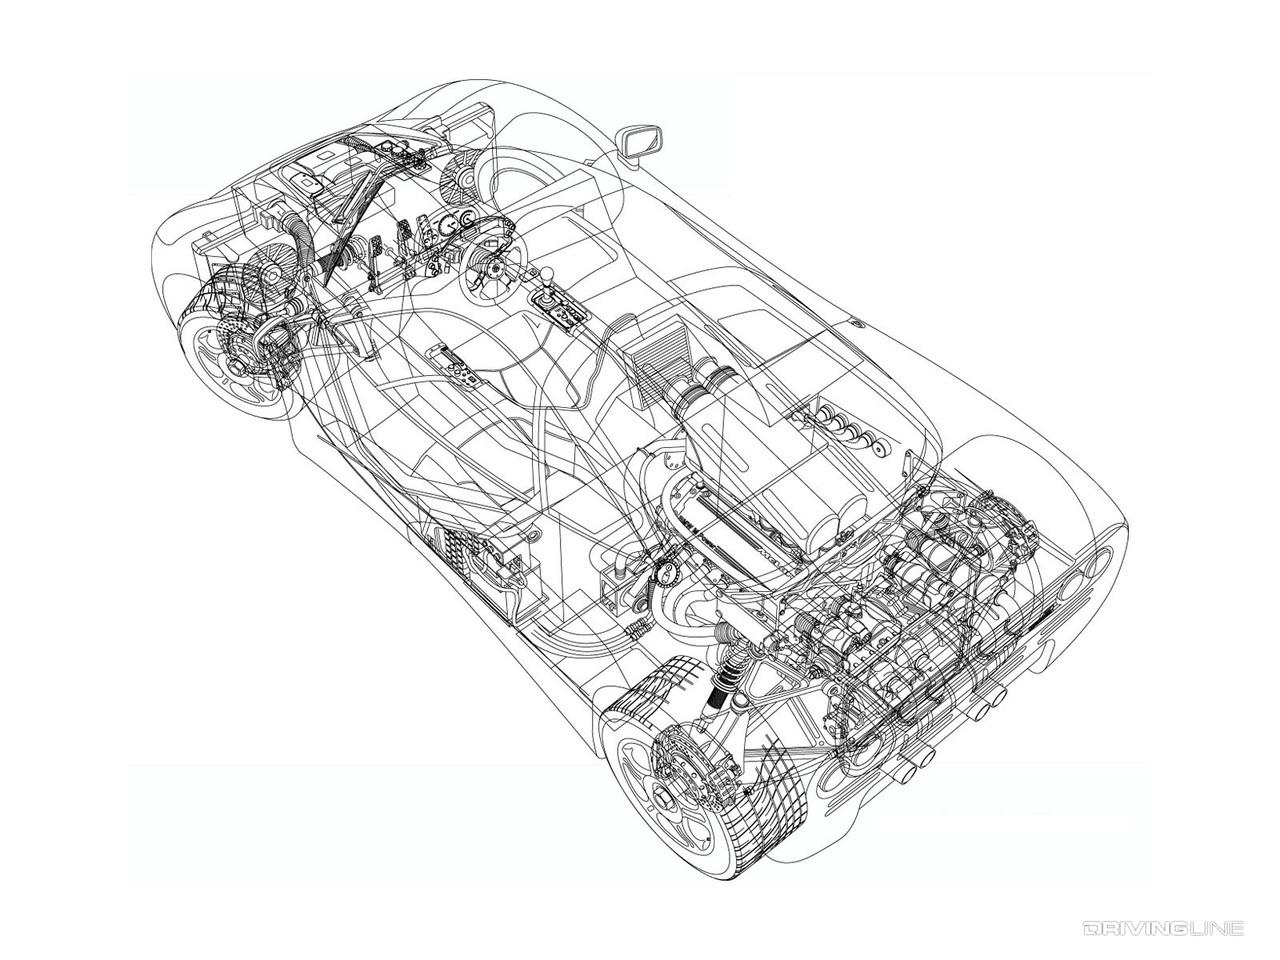 McLaren F1 cutaway